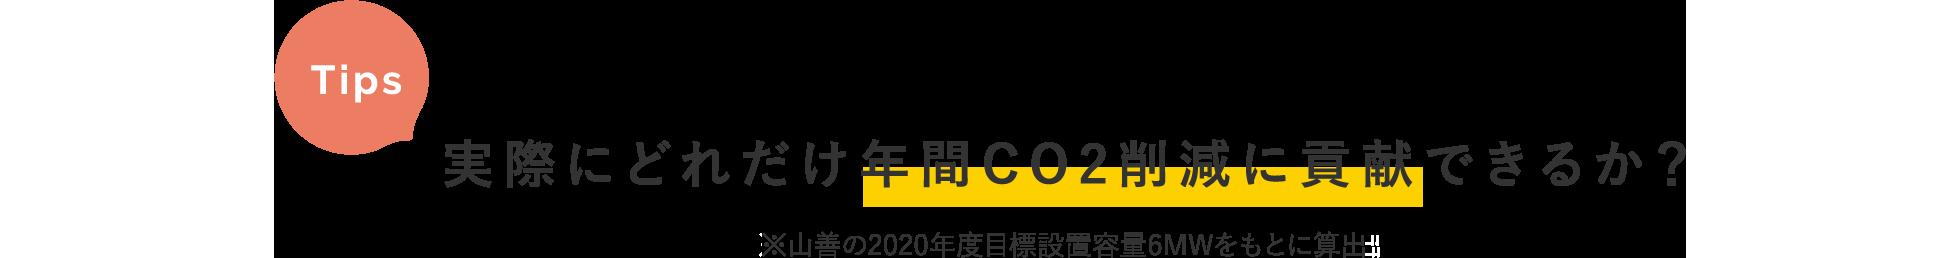 Tips / 実際にどれだけ年間CO2削減に貢献できるか?